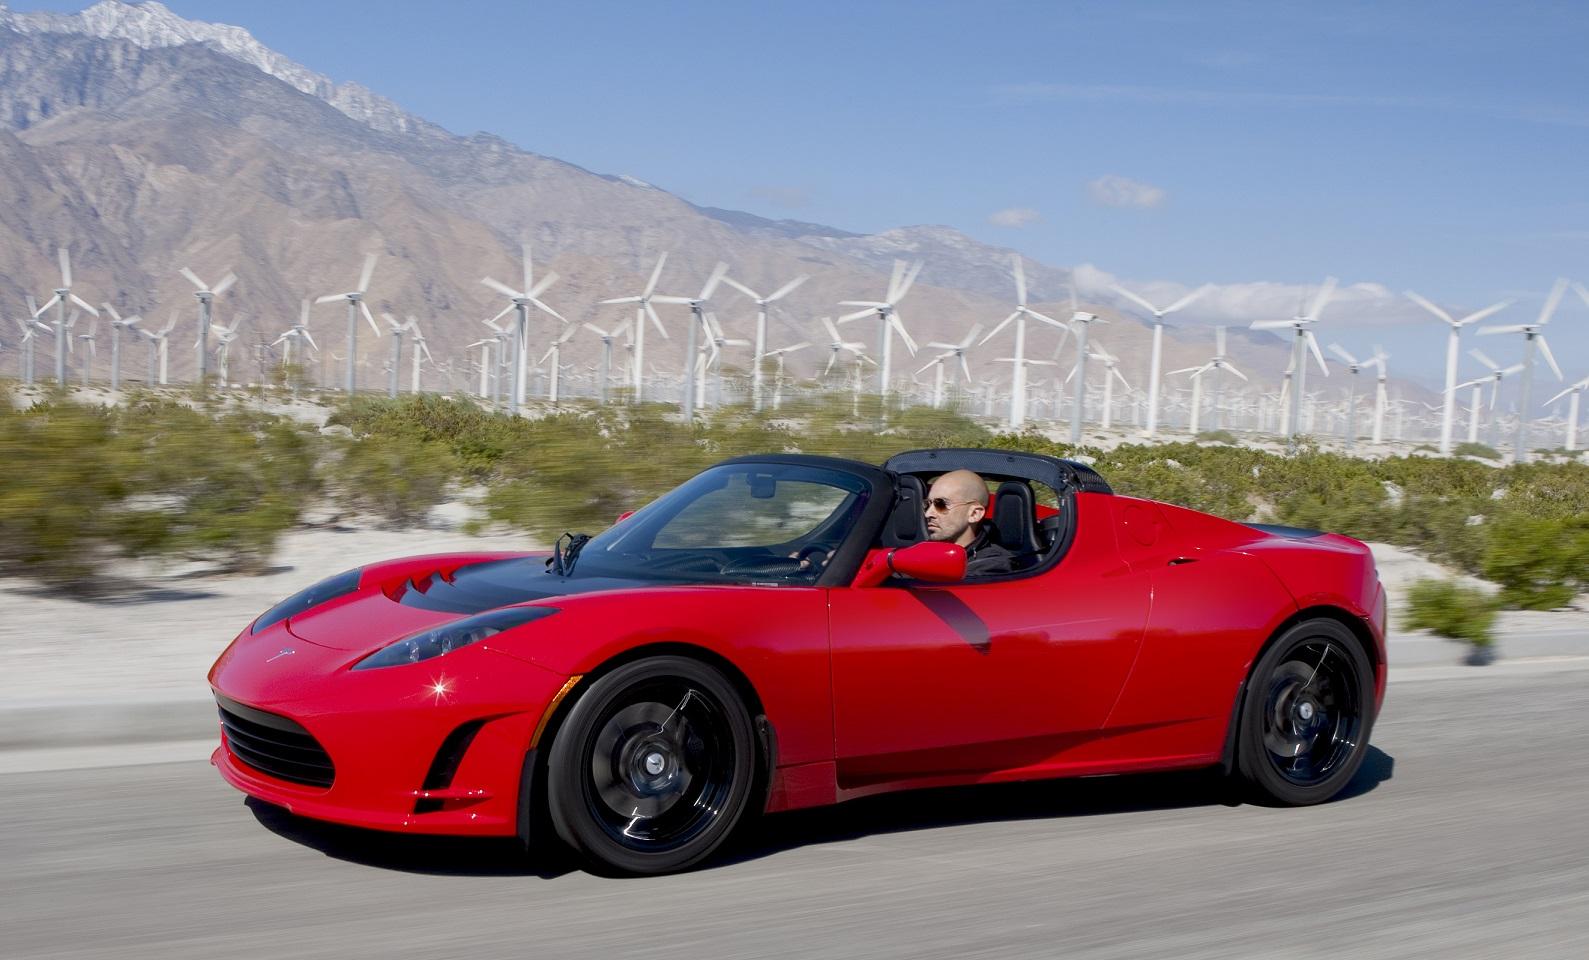 2008-as Tesla Roadster menet közben